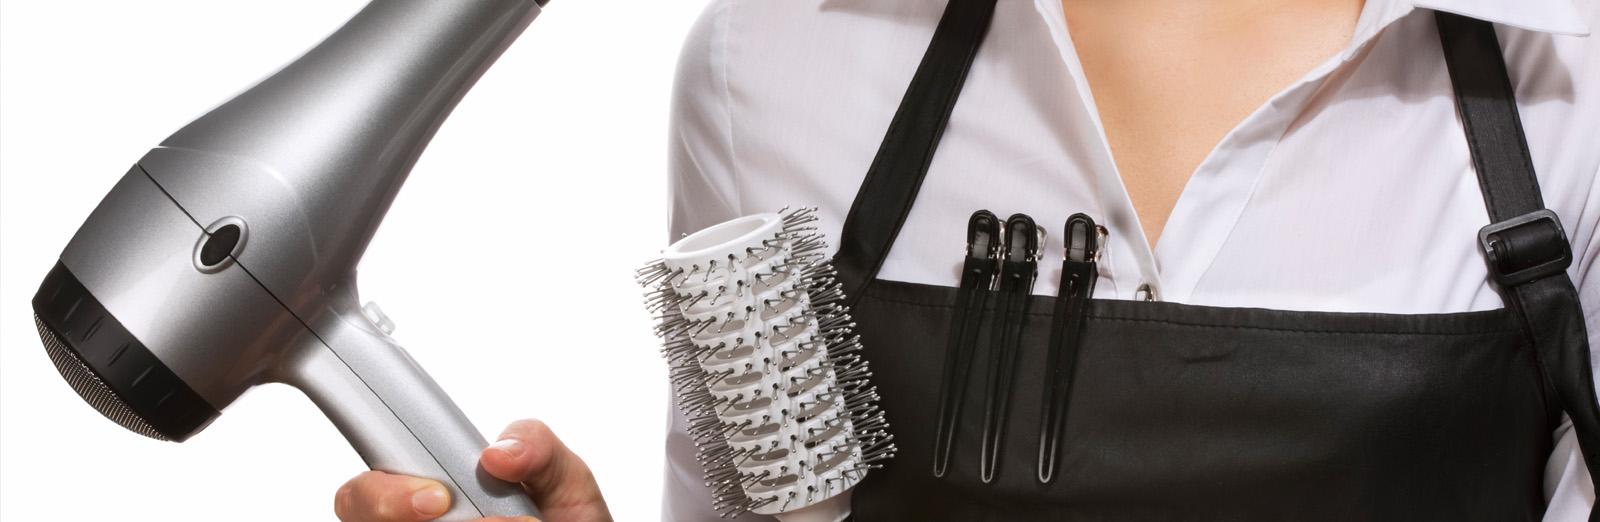 hair salon accessories